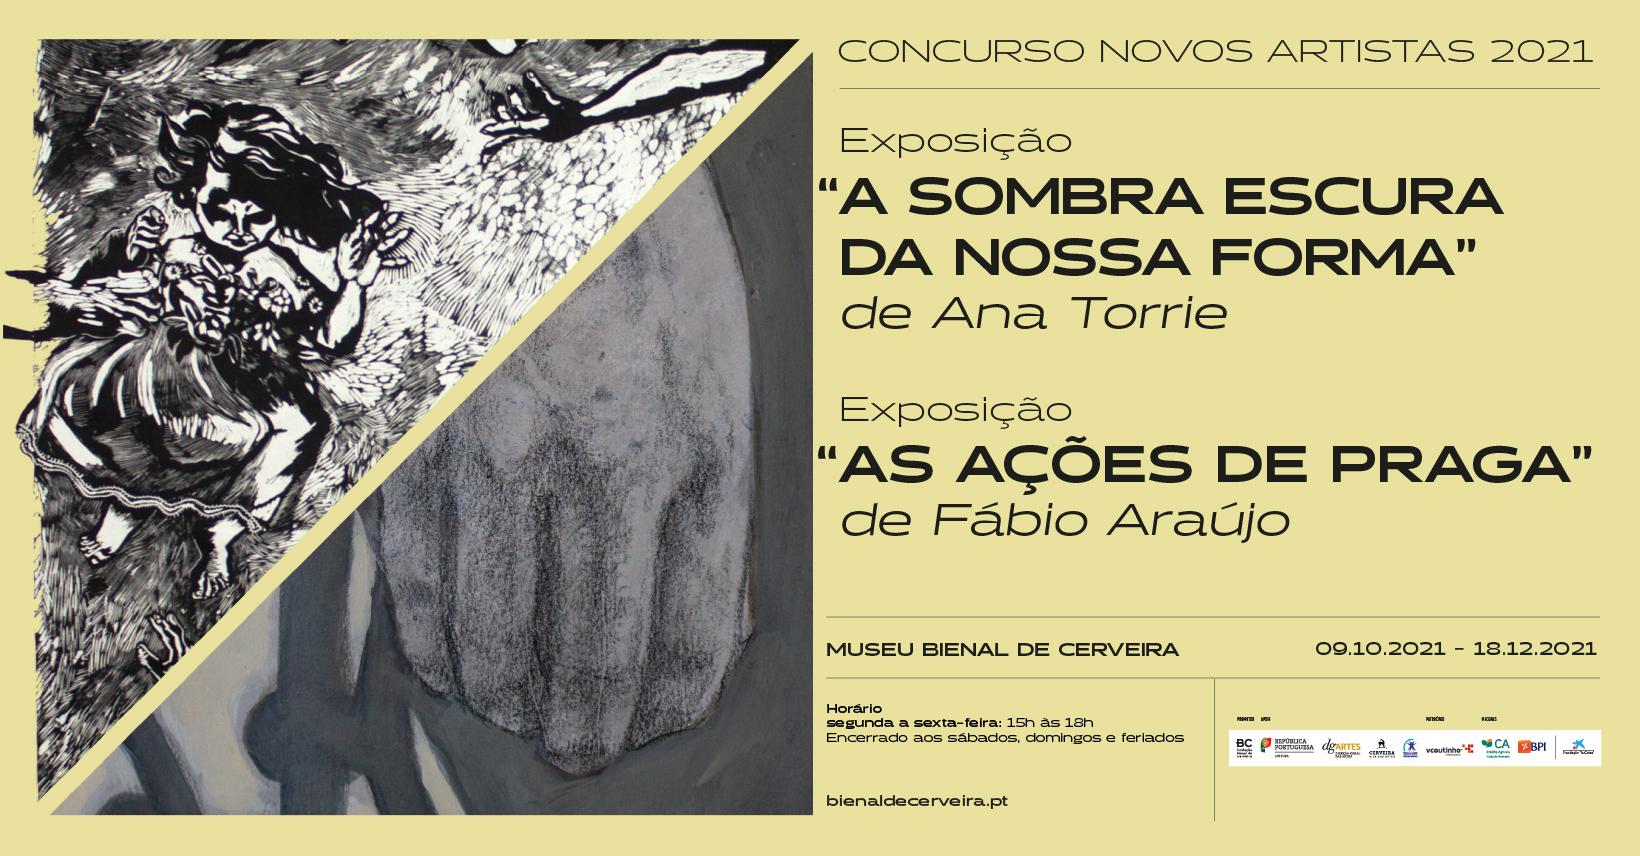 Concurso Novos Artistas Fundação Bienal de Arte de Cerveira